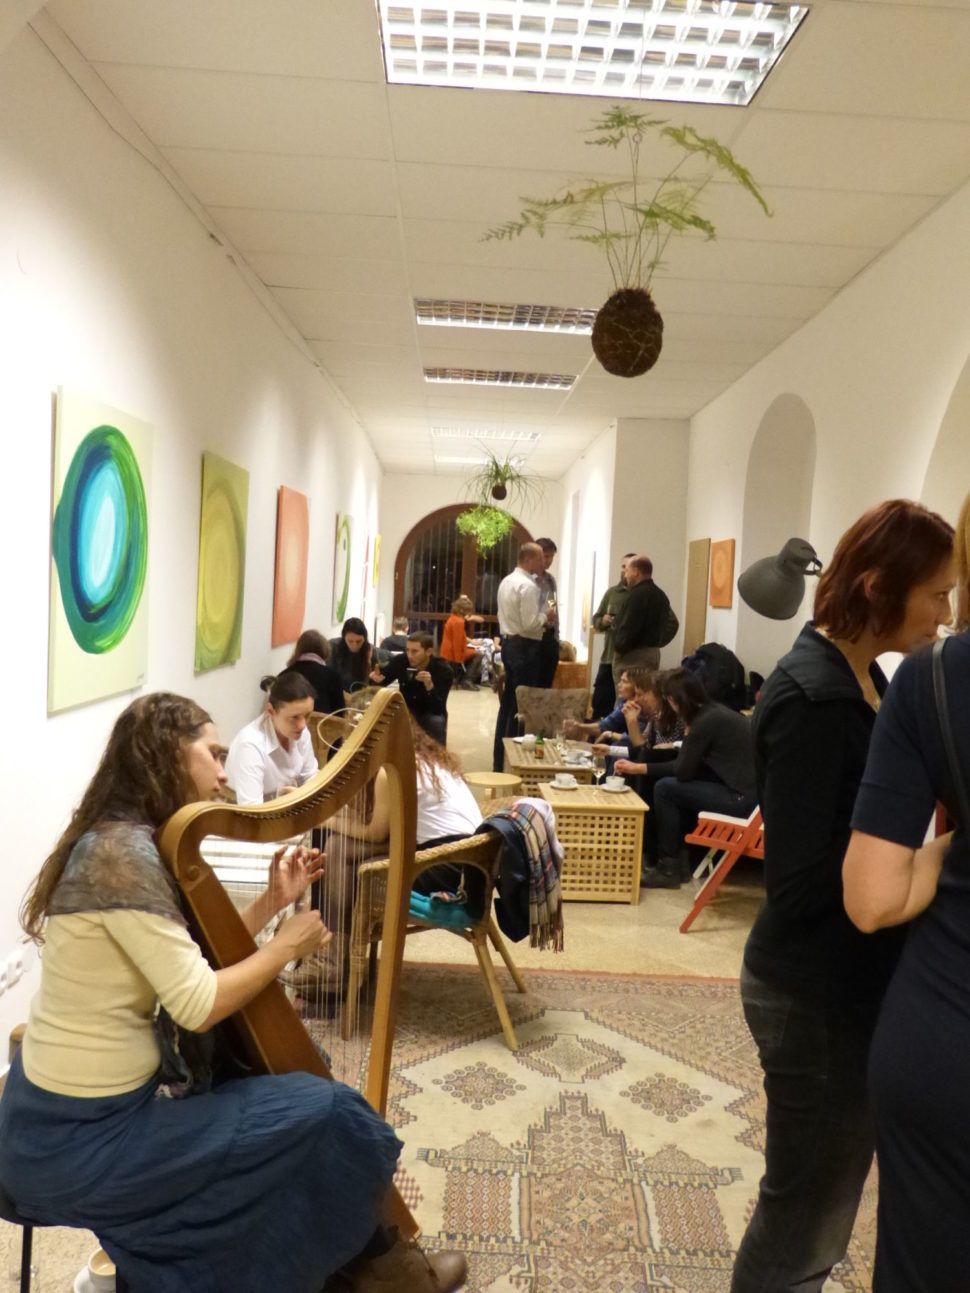 Výstava abstraktních obrazů Jane H. - Černé oči porcelánových šálků, České Budějovice